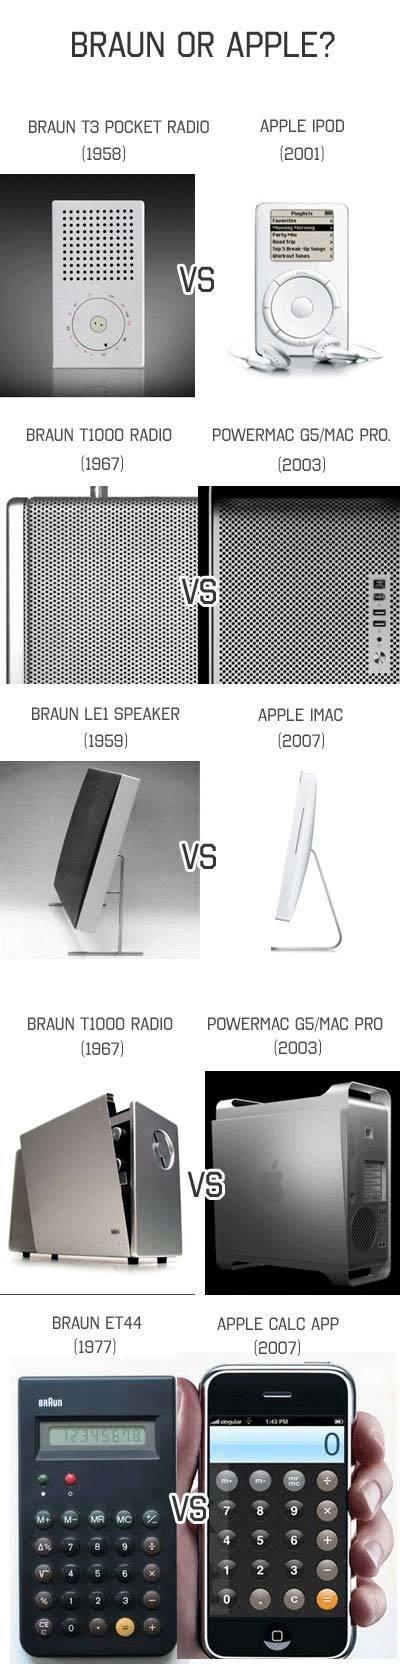 Industrial Design: Braun vs Apple   design industriel   Scoop.it